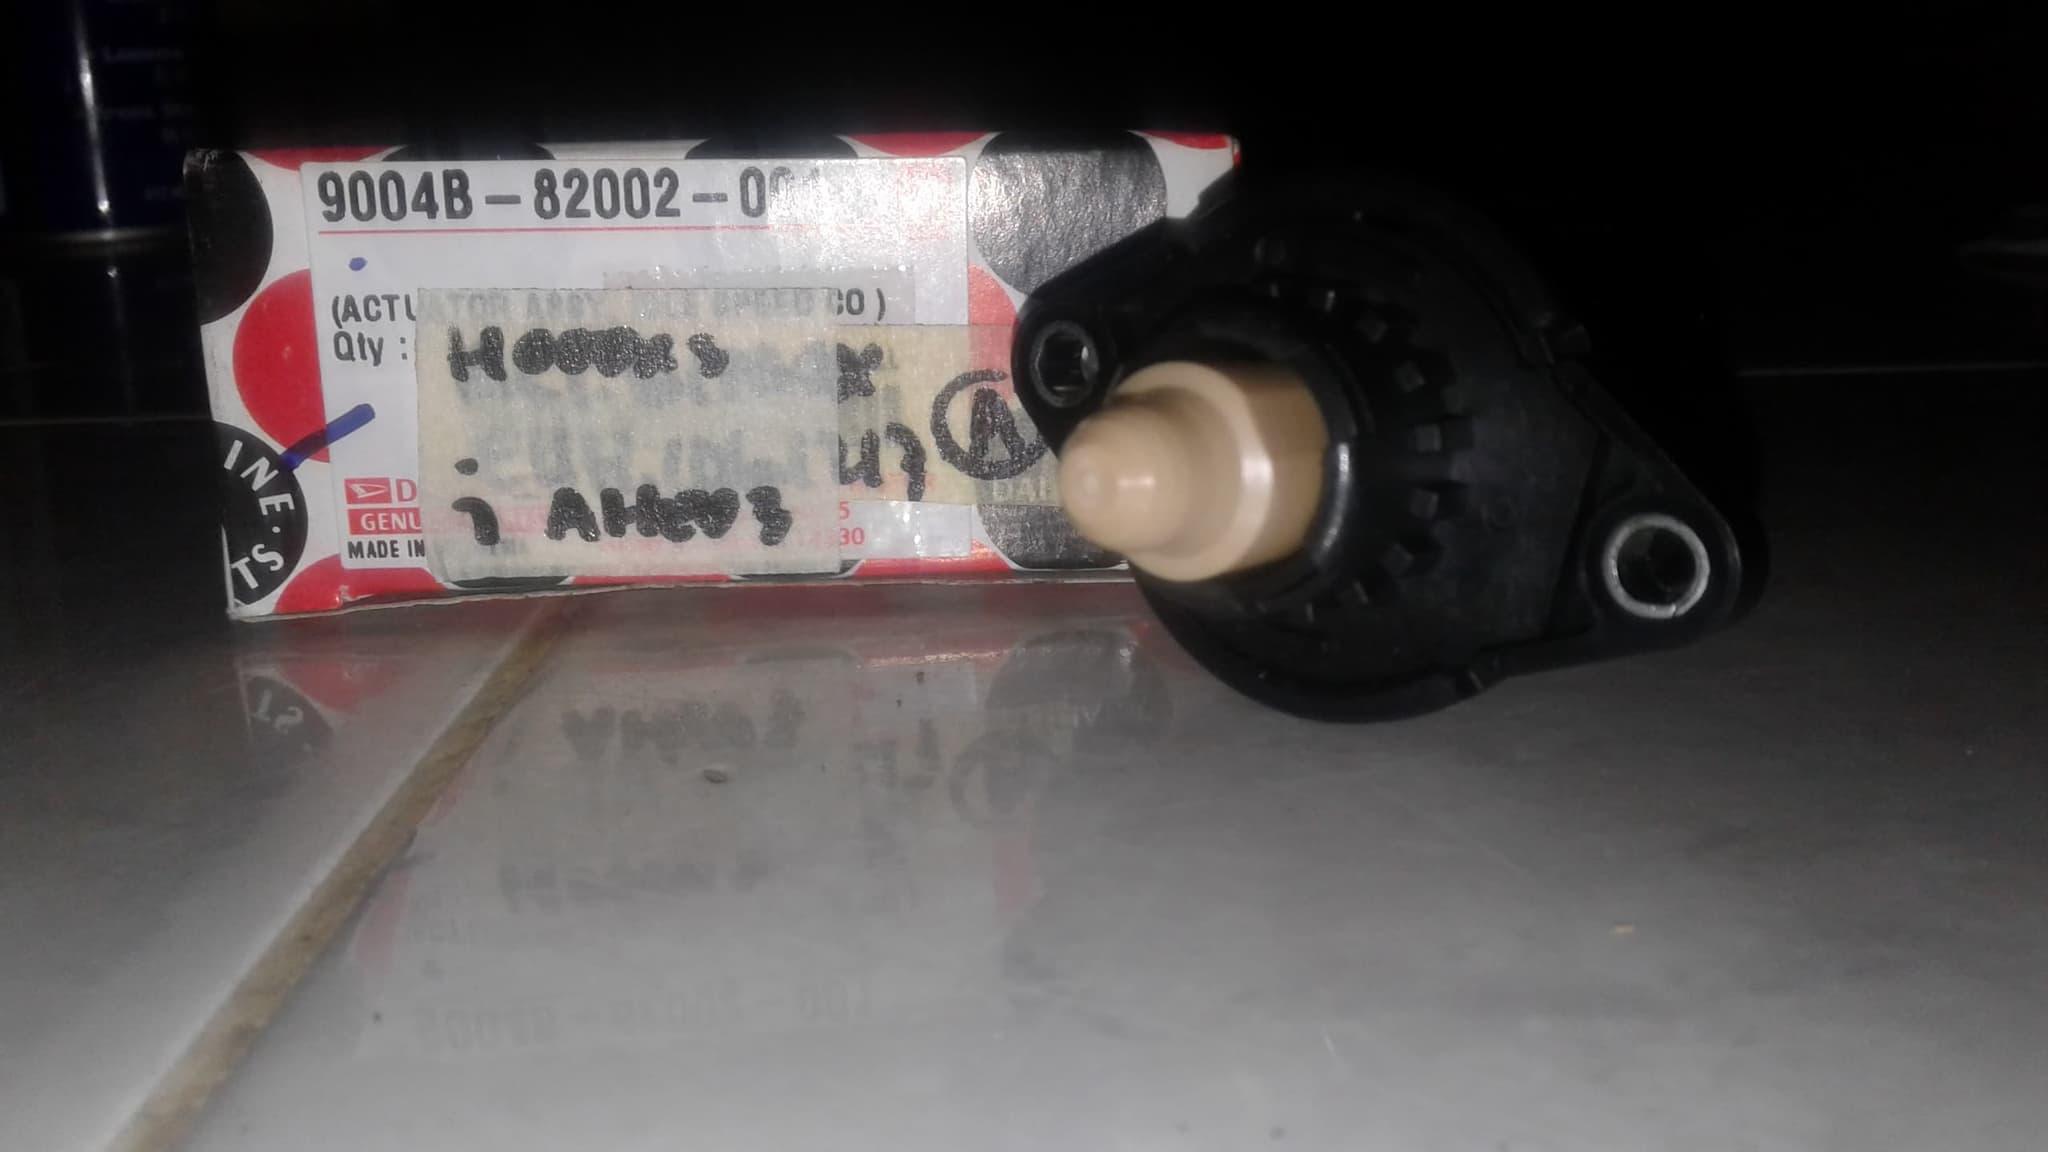 Jual Isc Actuator Grandmax Ayla Agya Ori Rizkys Motor Tokopedia Idle Speed Control Luxio